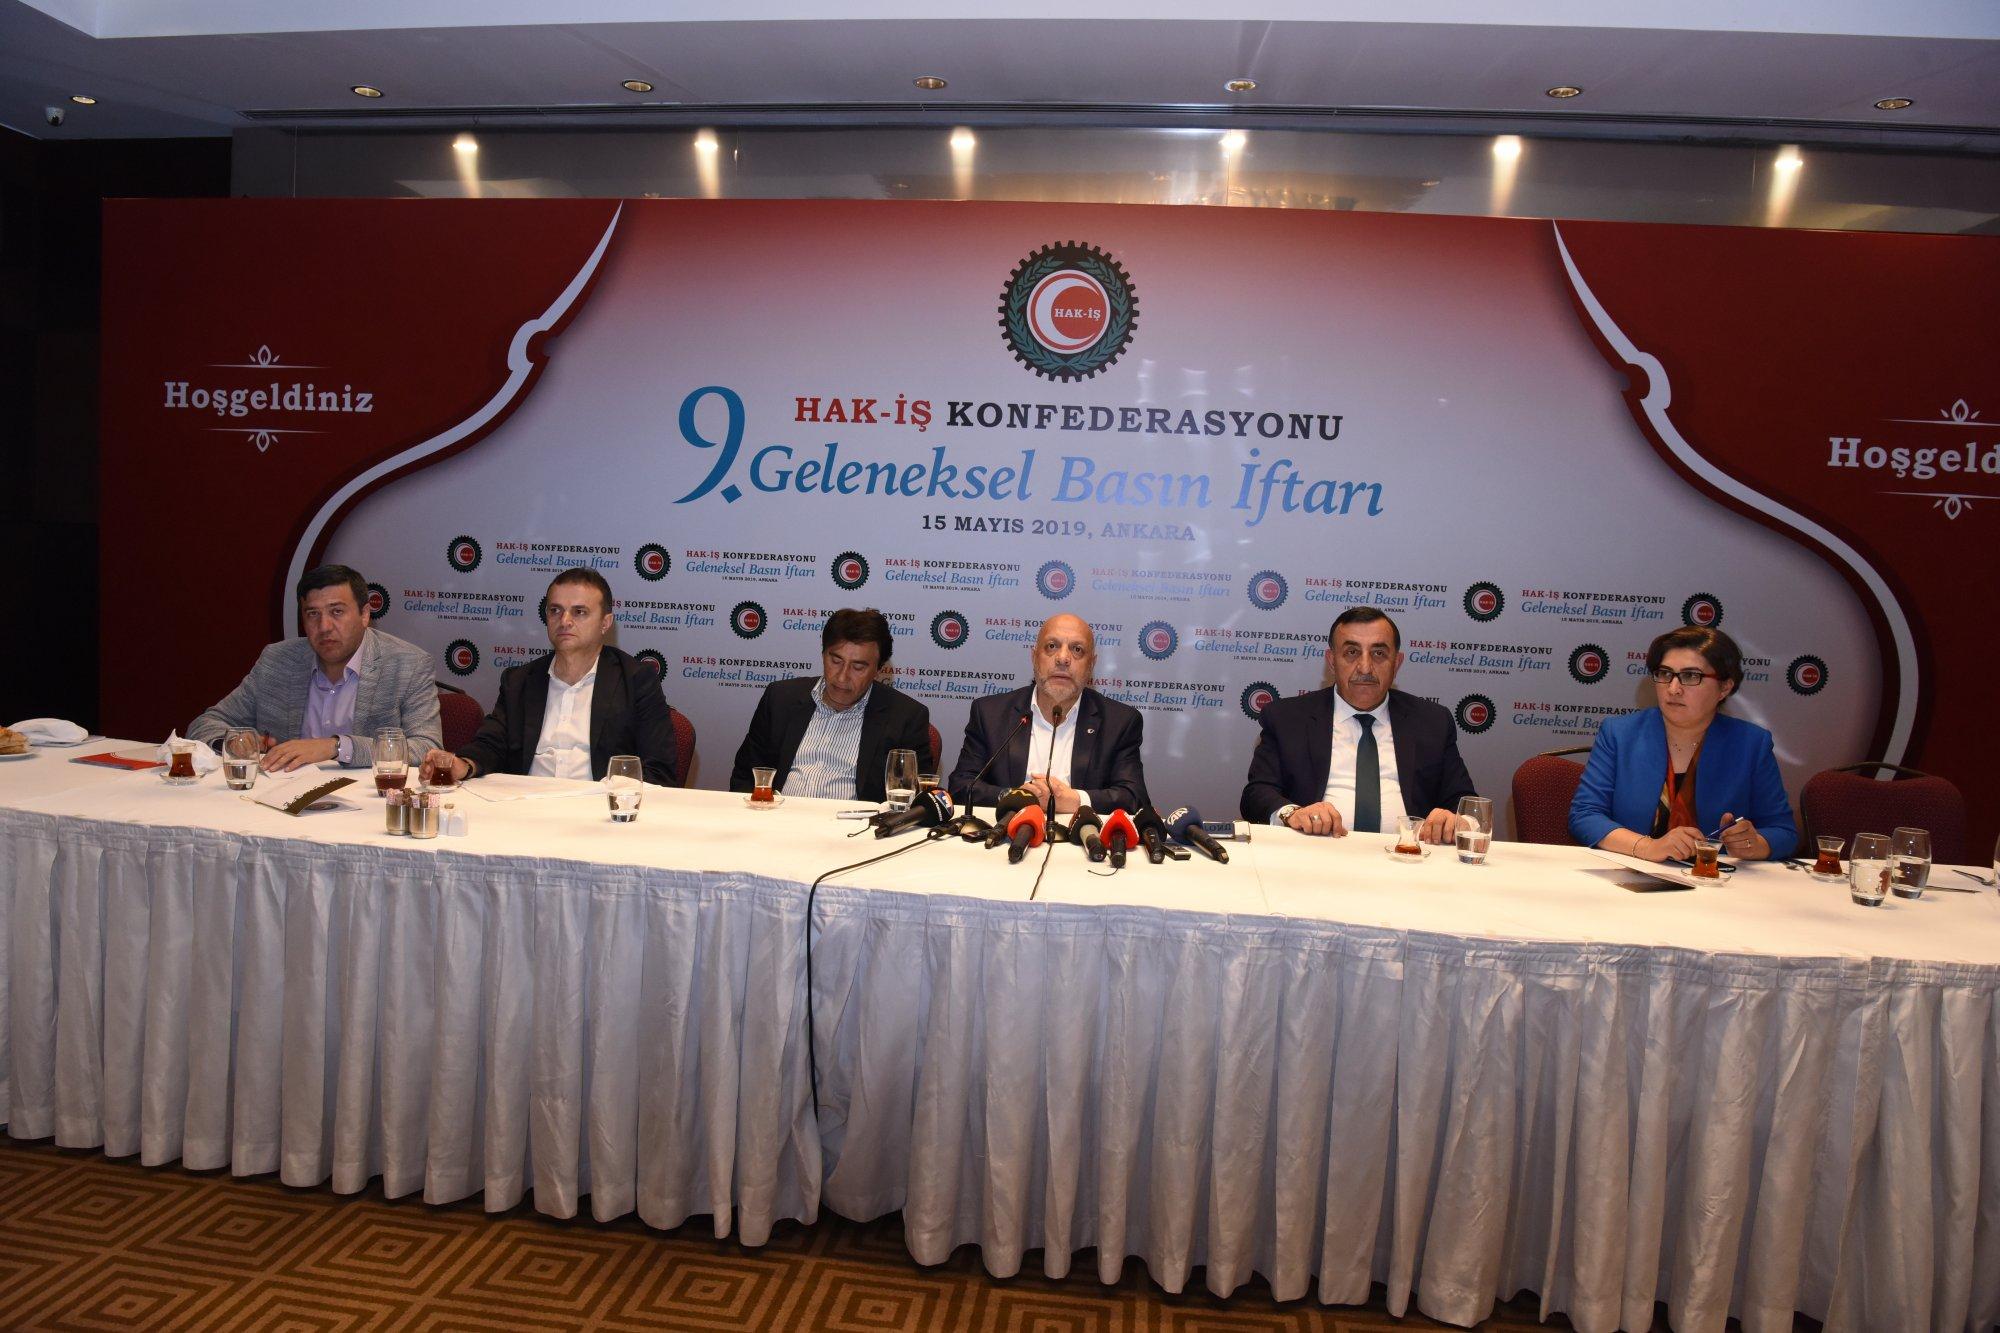 HAK-İŞ 9. GELENEKSEL BASIN İFTARINDA BASIN MENSUPLARIYLA BİR ARAYA GELDİK